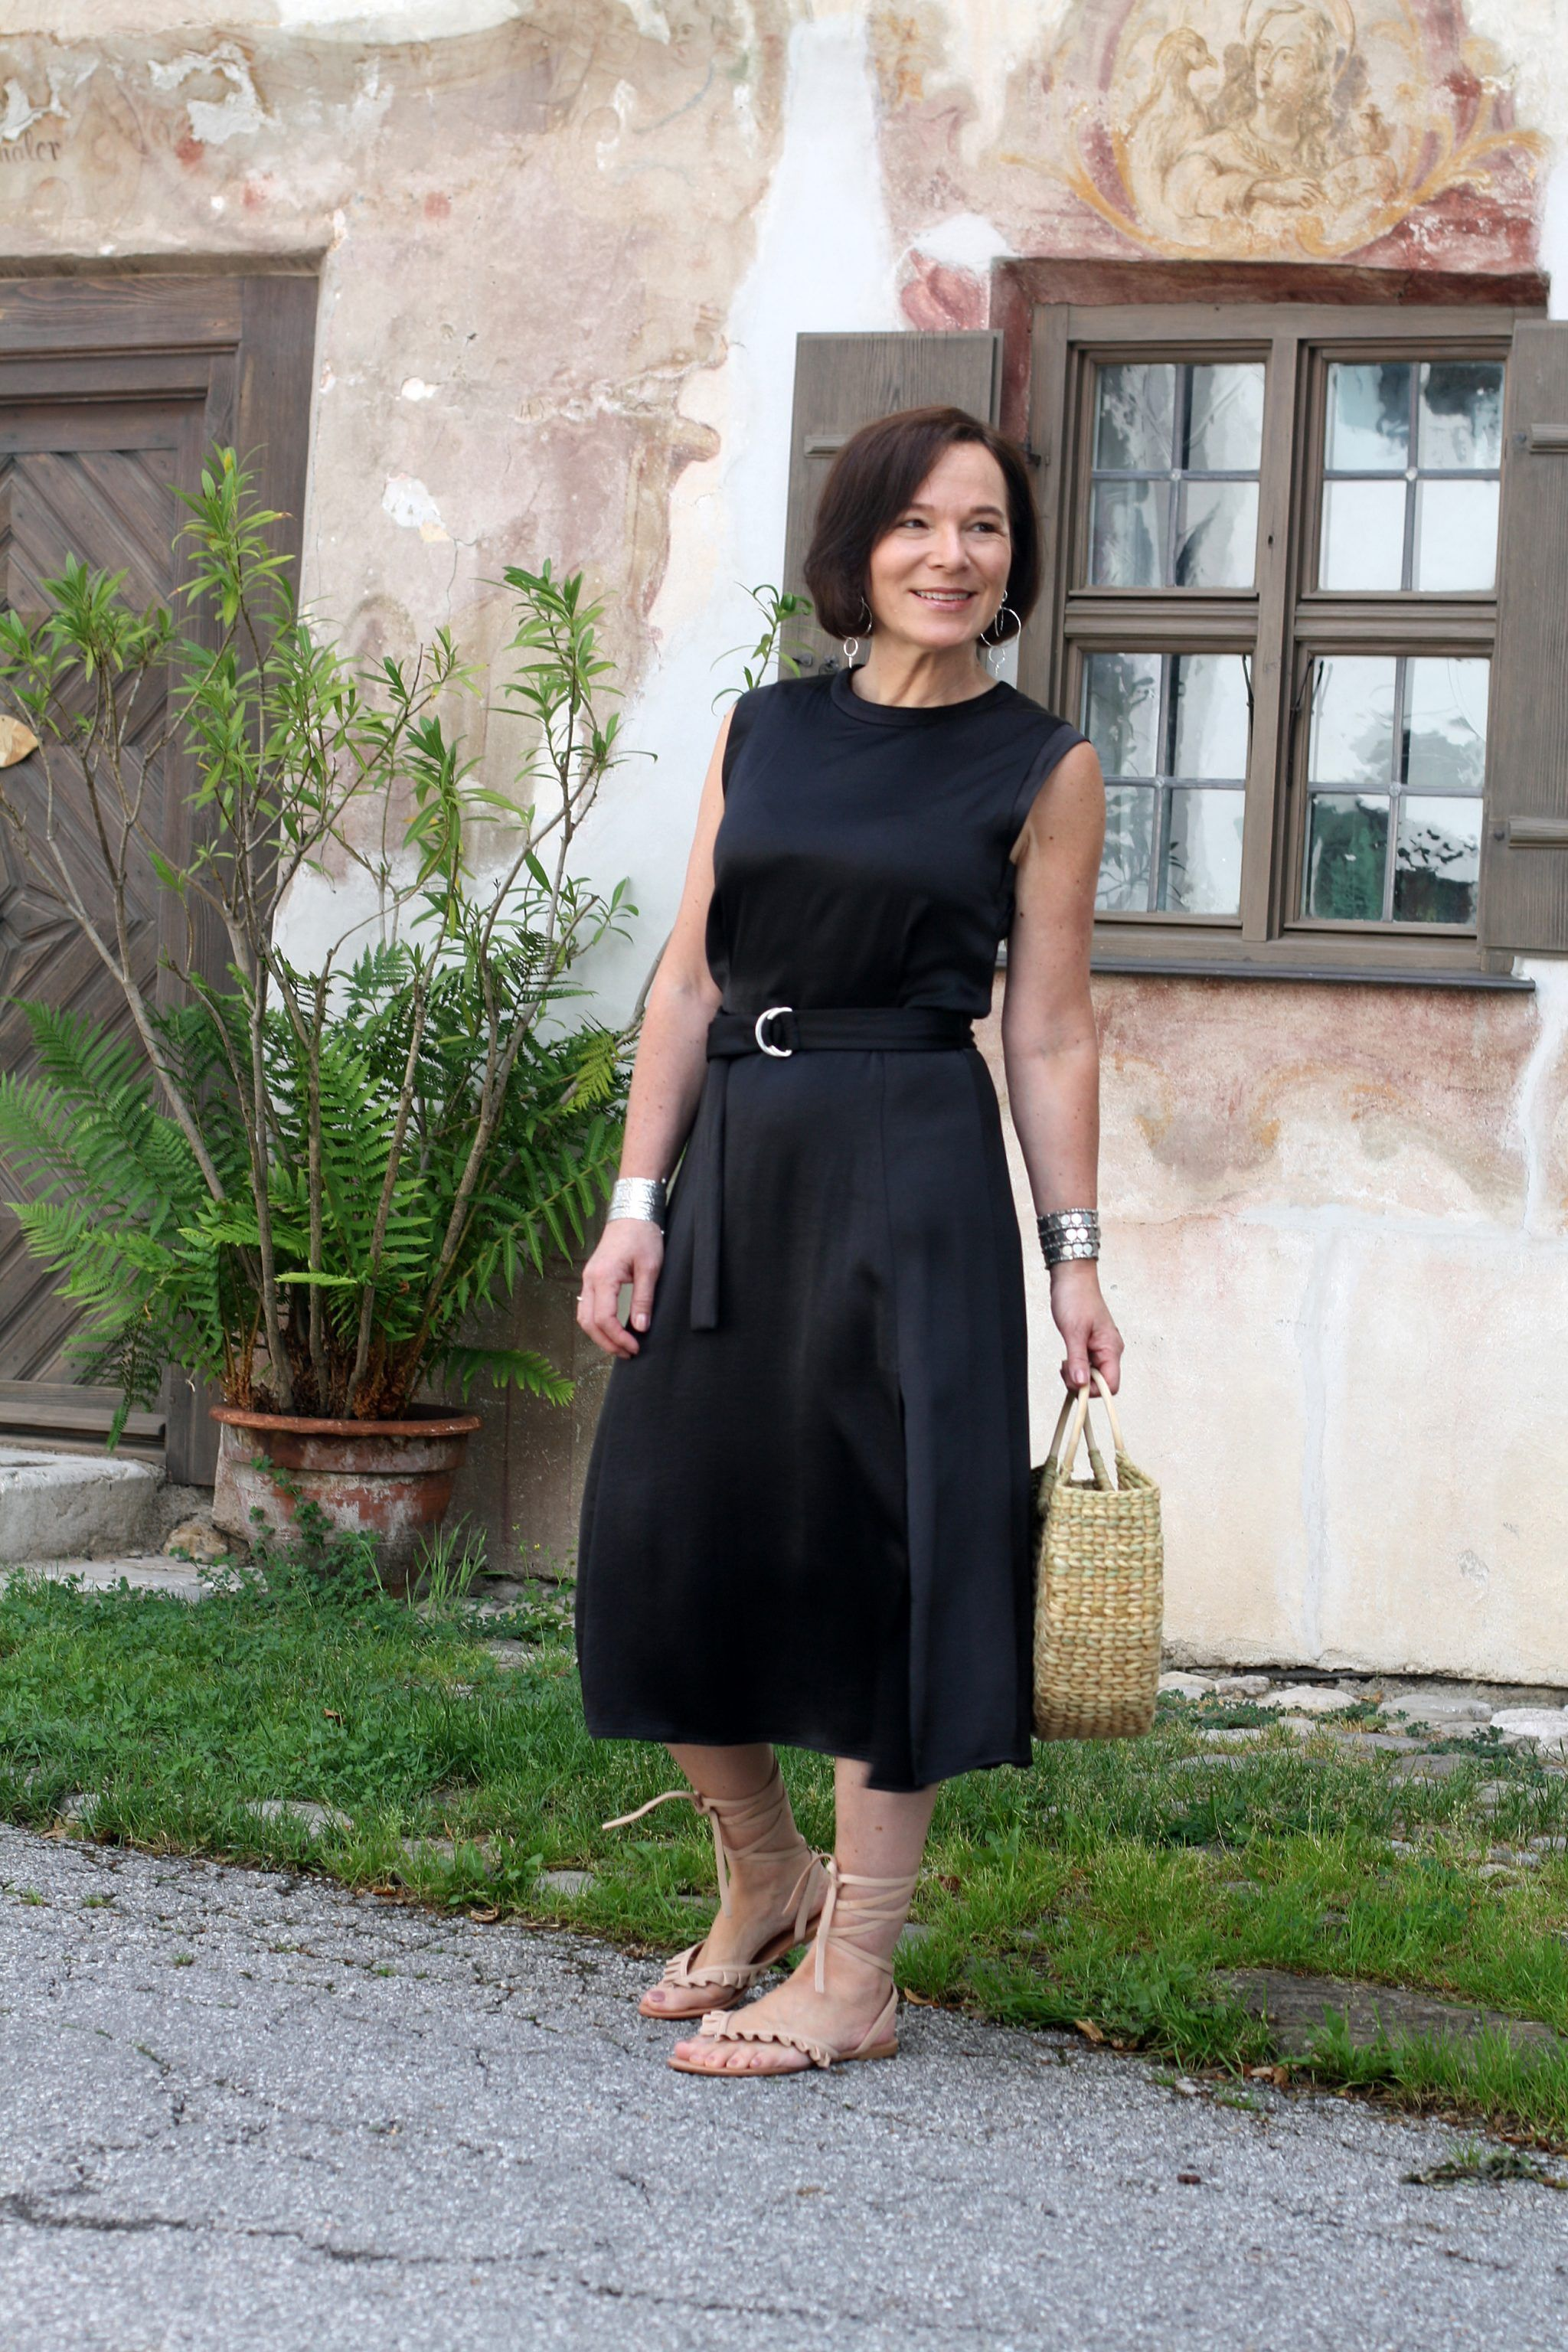 Kleines Schwarzes lässig mit Korbtasche, dem Sommertrend 2018 gestylt  Modestil, Sommertrends